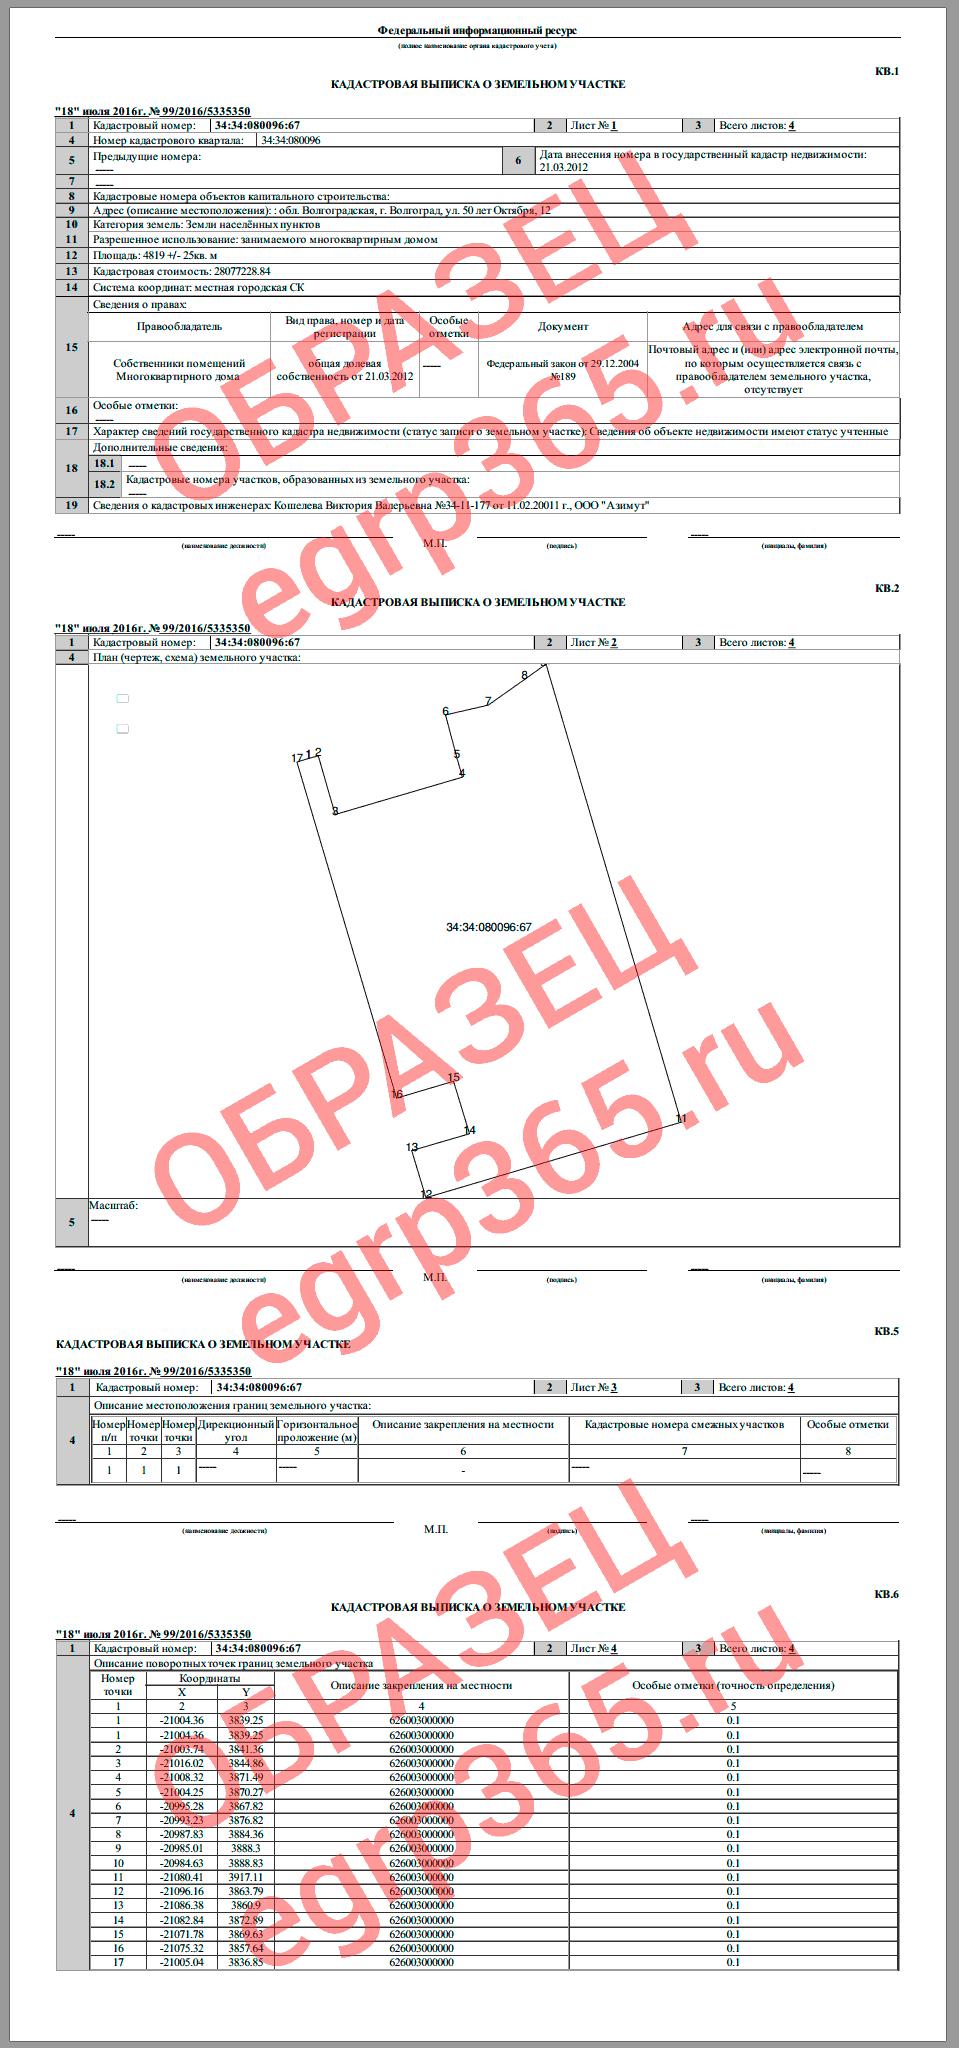 Образец кадастровой выписки на земельный участок